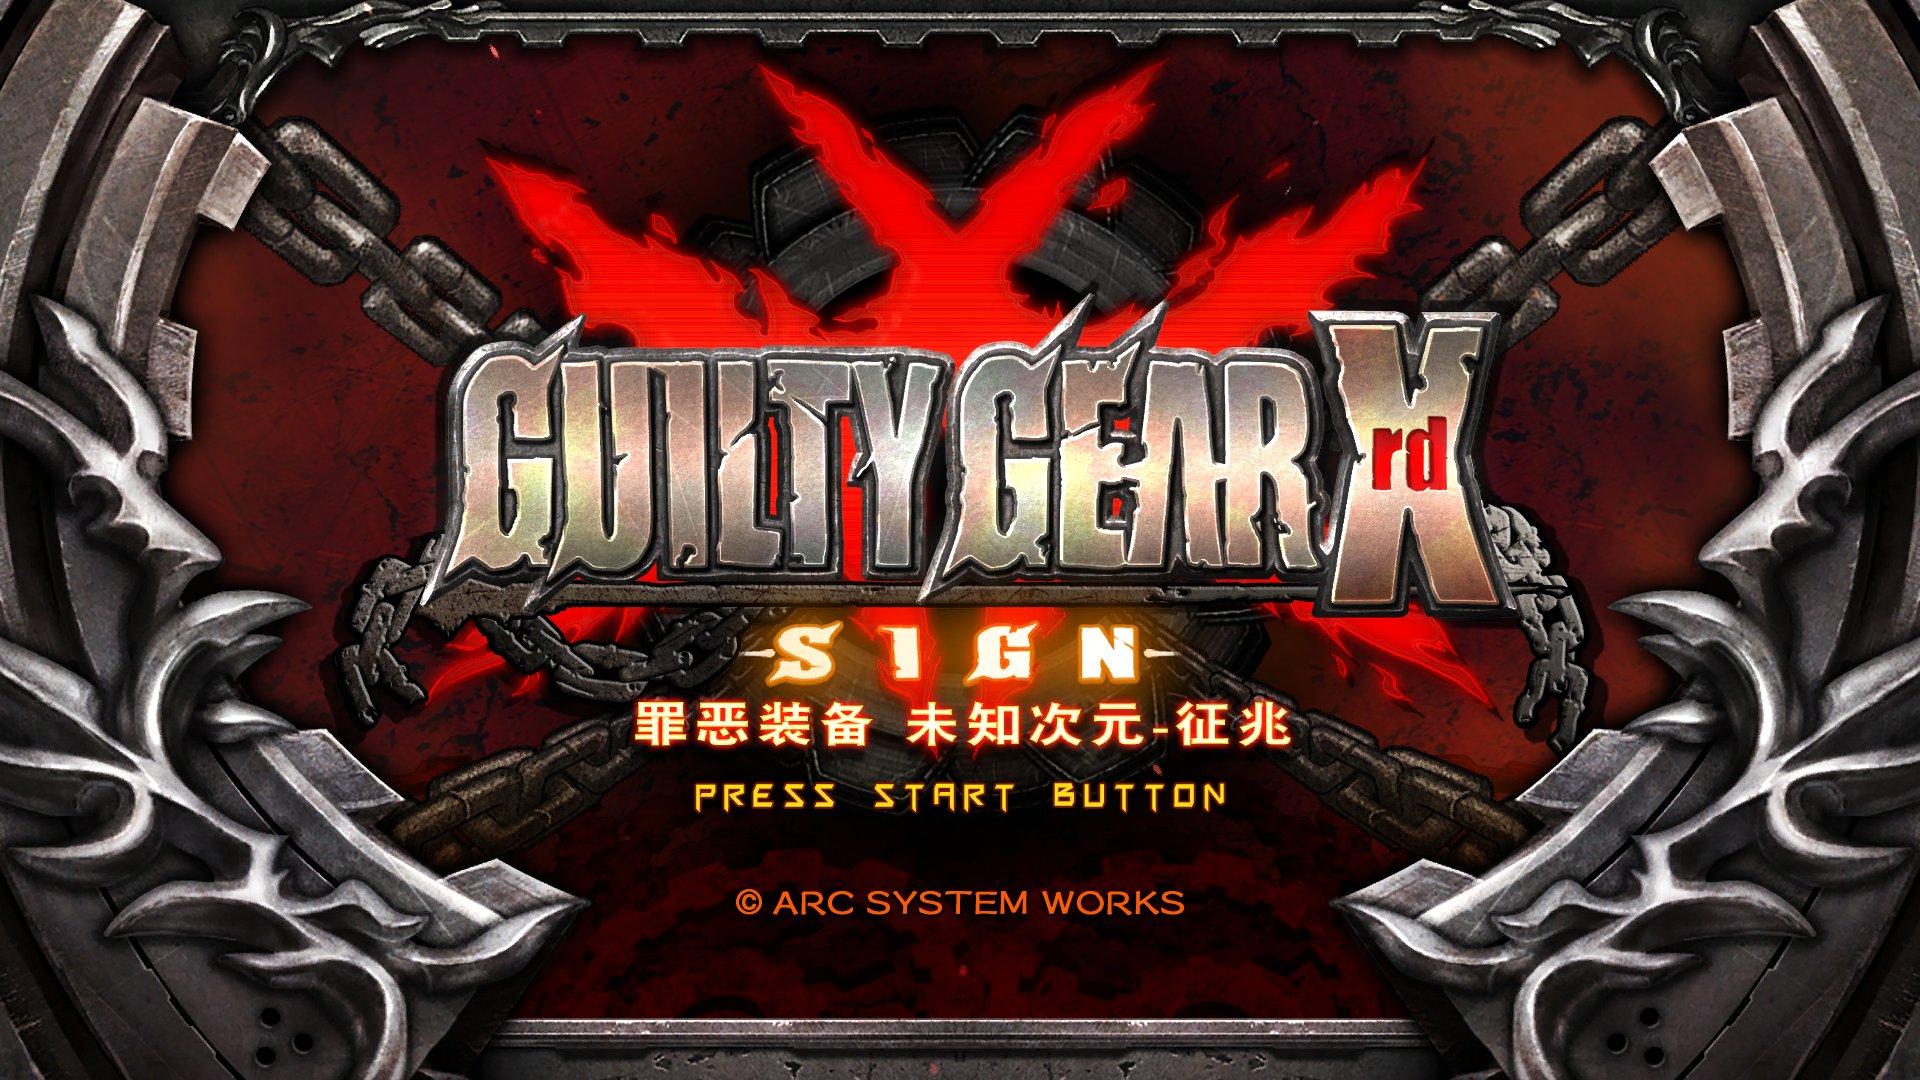 次の画像「GUILTY GEAR Xrd -SIGN-」中文簡体字版の... [拡大画像] 「G